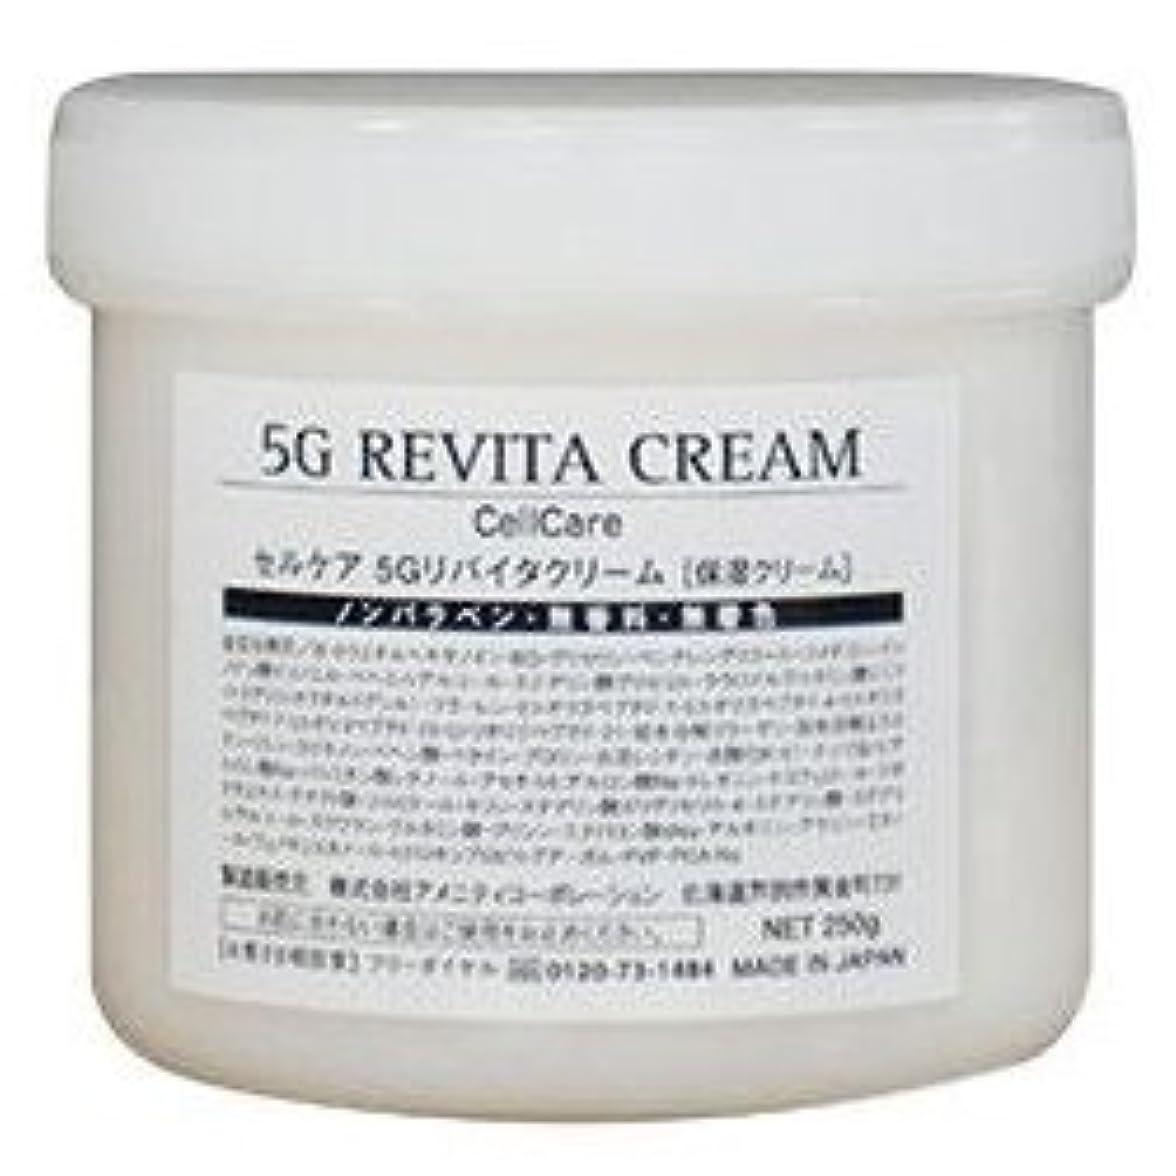 政策見出し補体セルケアGF プレミアム 5Gリバイタルクリーム 保湿クリーム お徳用250g